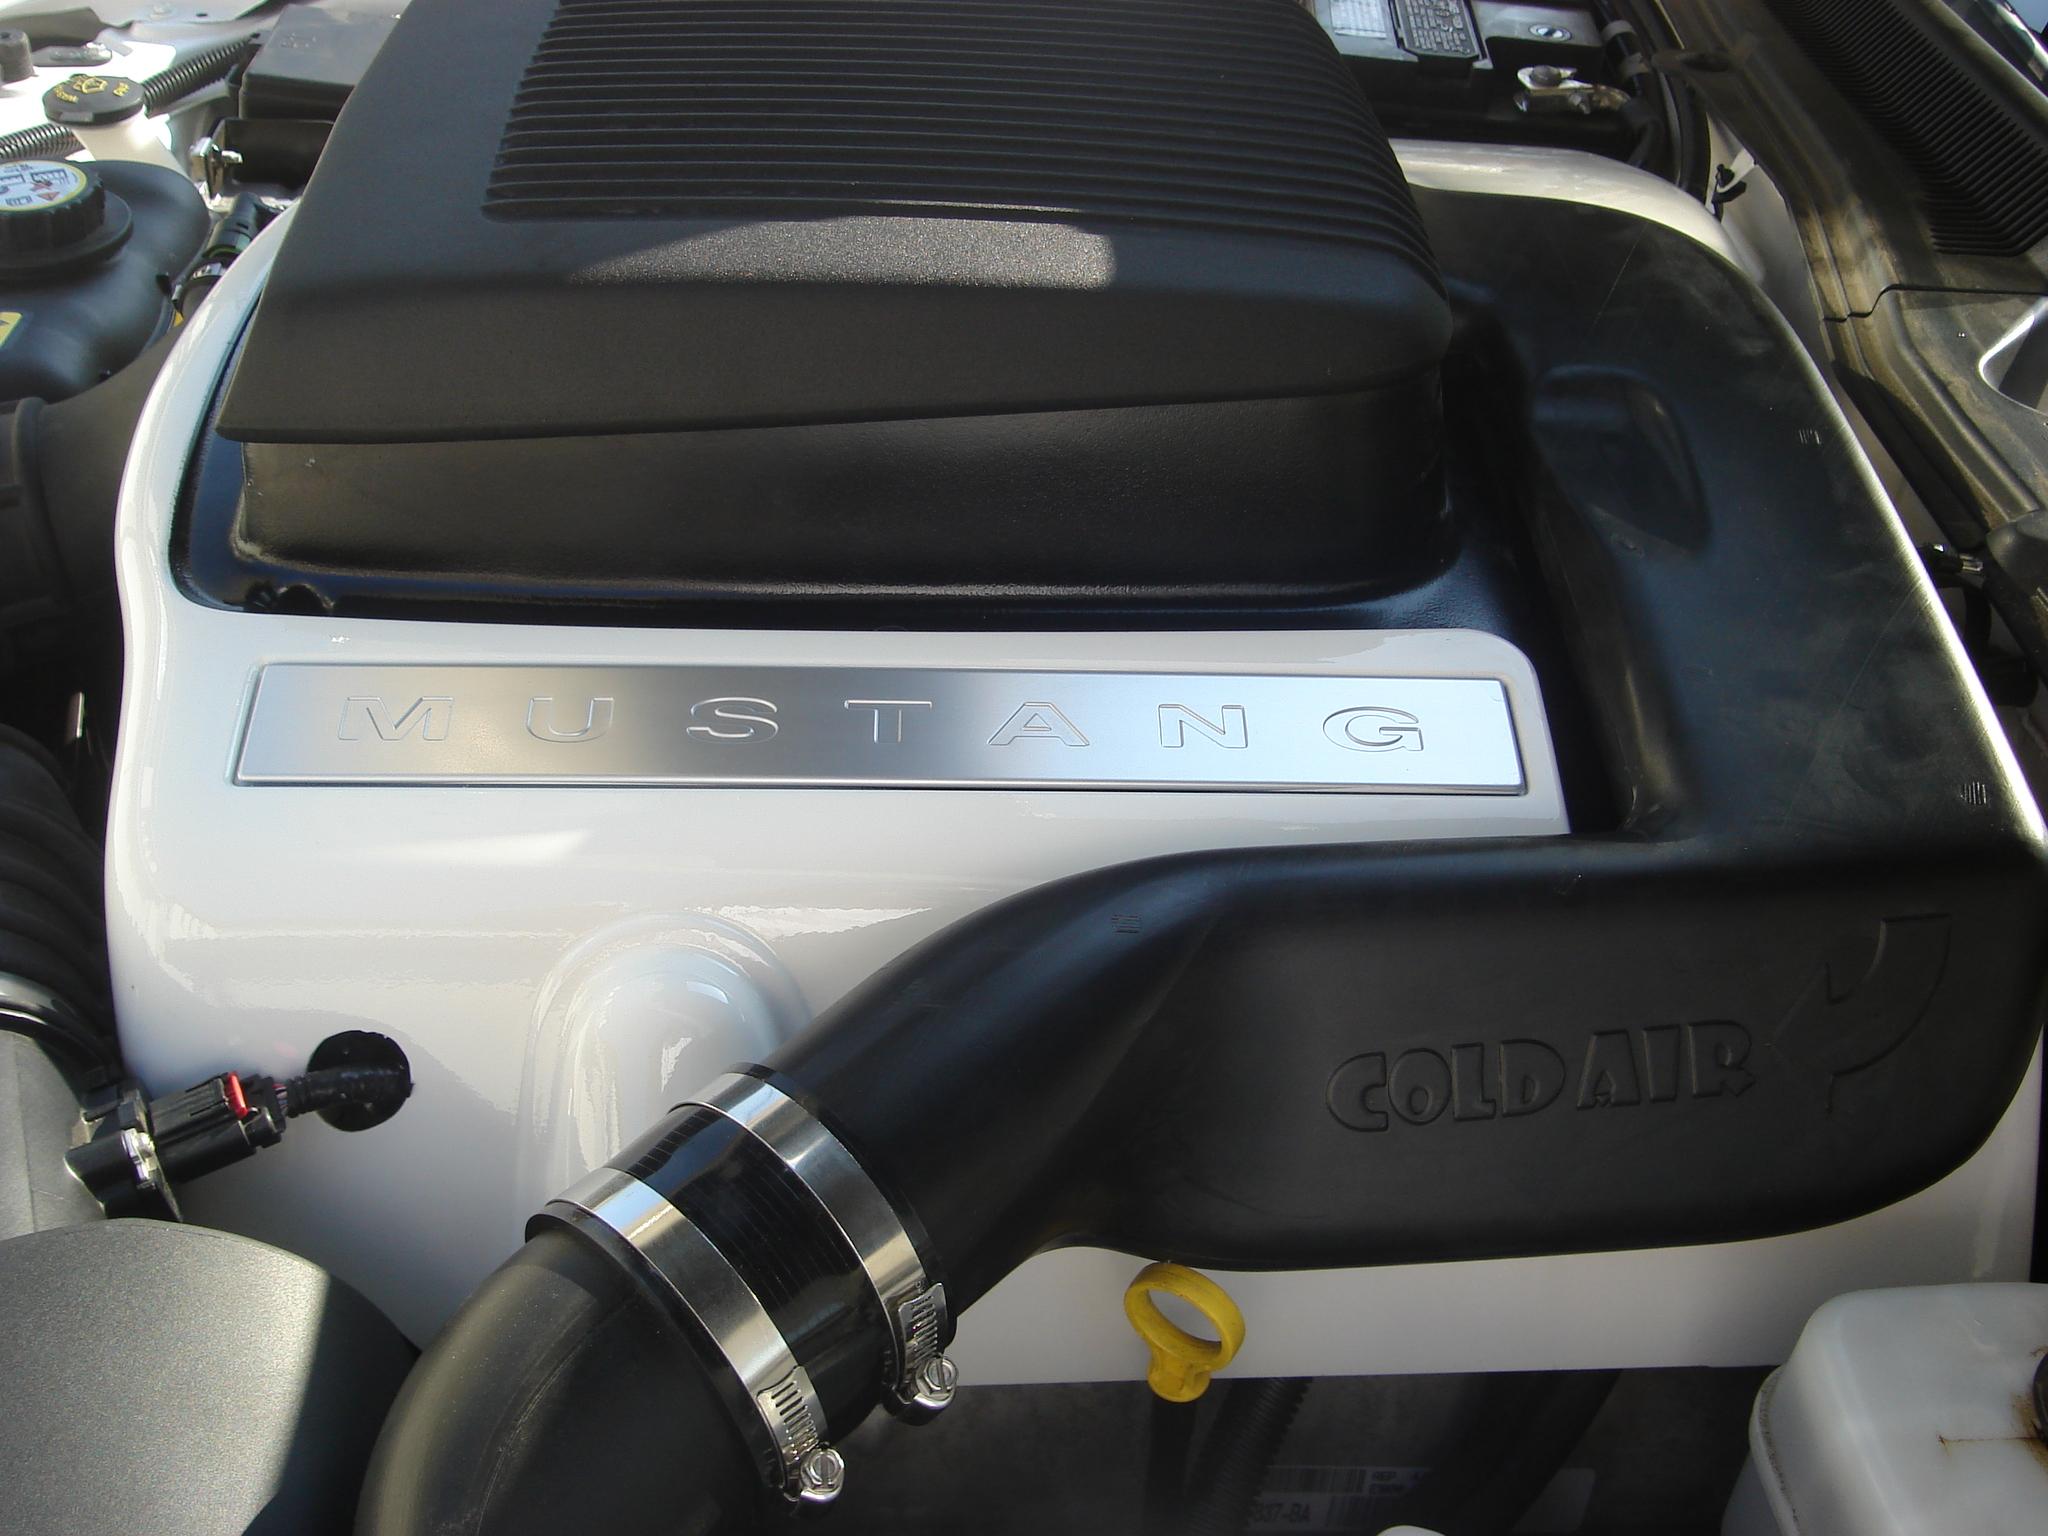 2007 Mustang California